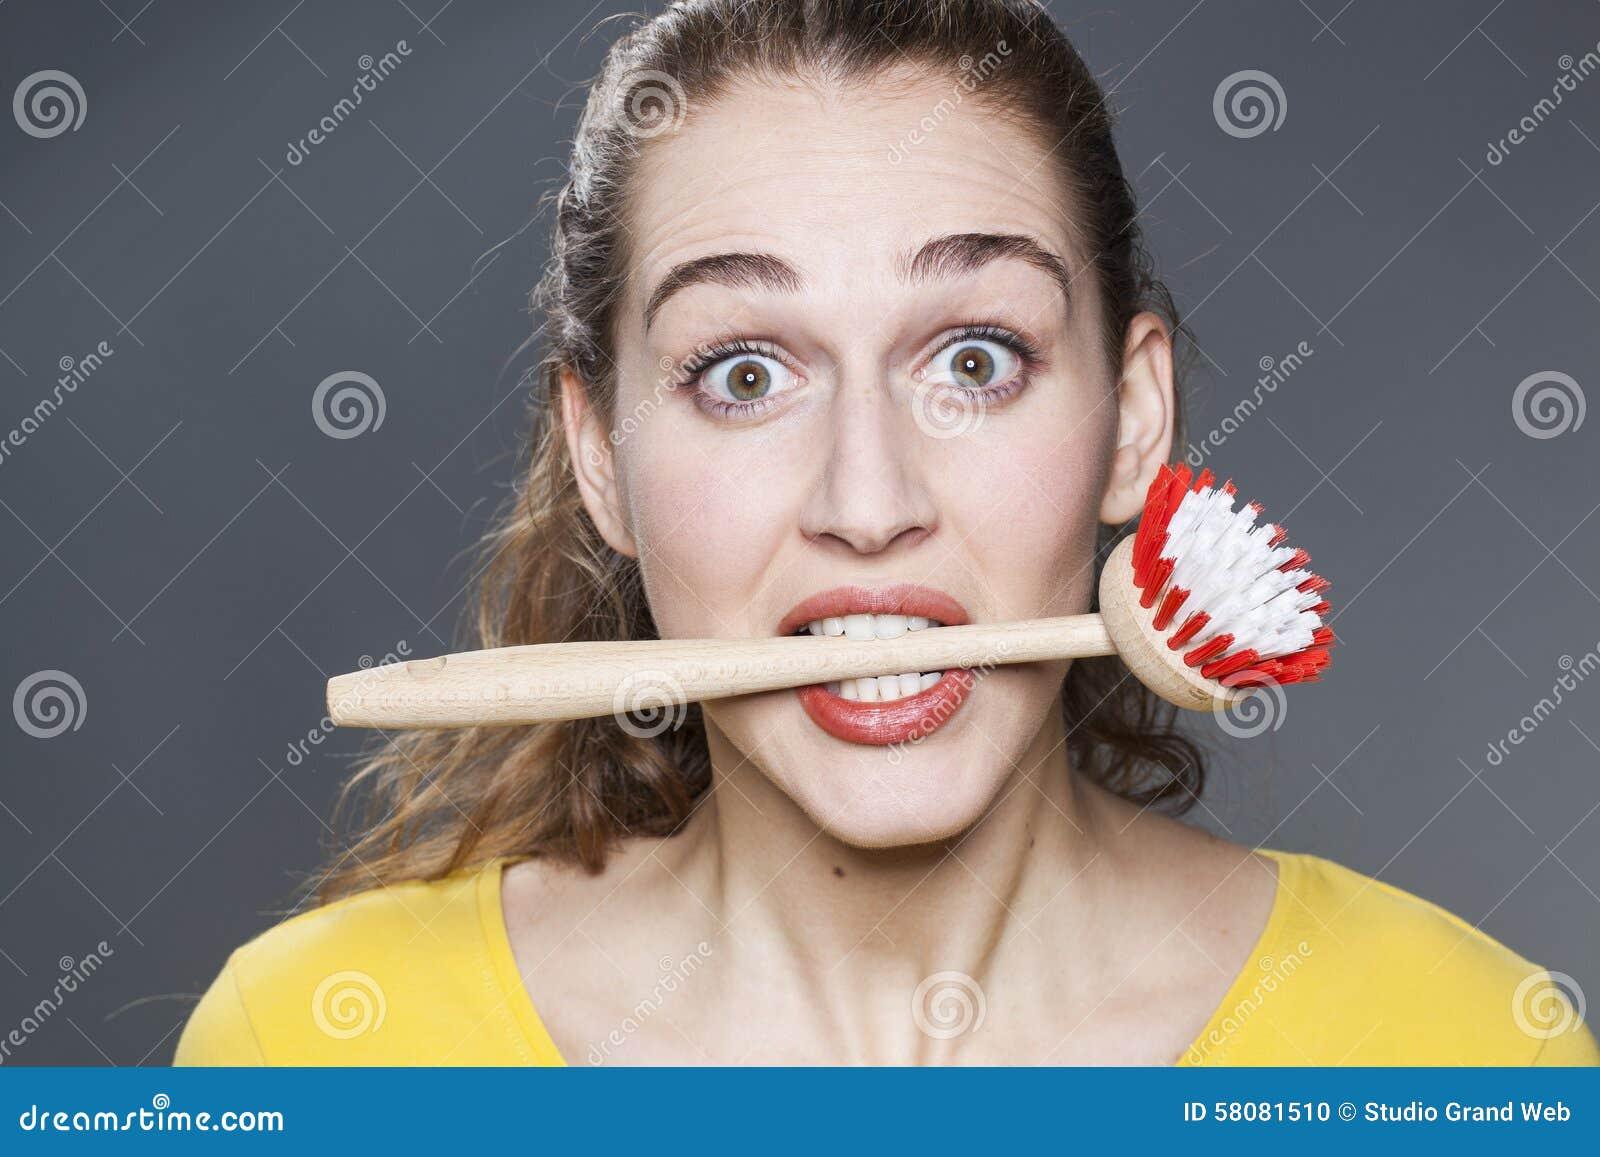 Menina 20s chocado apaixonado sobre pratos de lavagem e a casa limpa - menina-s-chocado-apaixonado-sobre-pratos-de-lavagem-e-casa-limpa-58081510